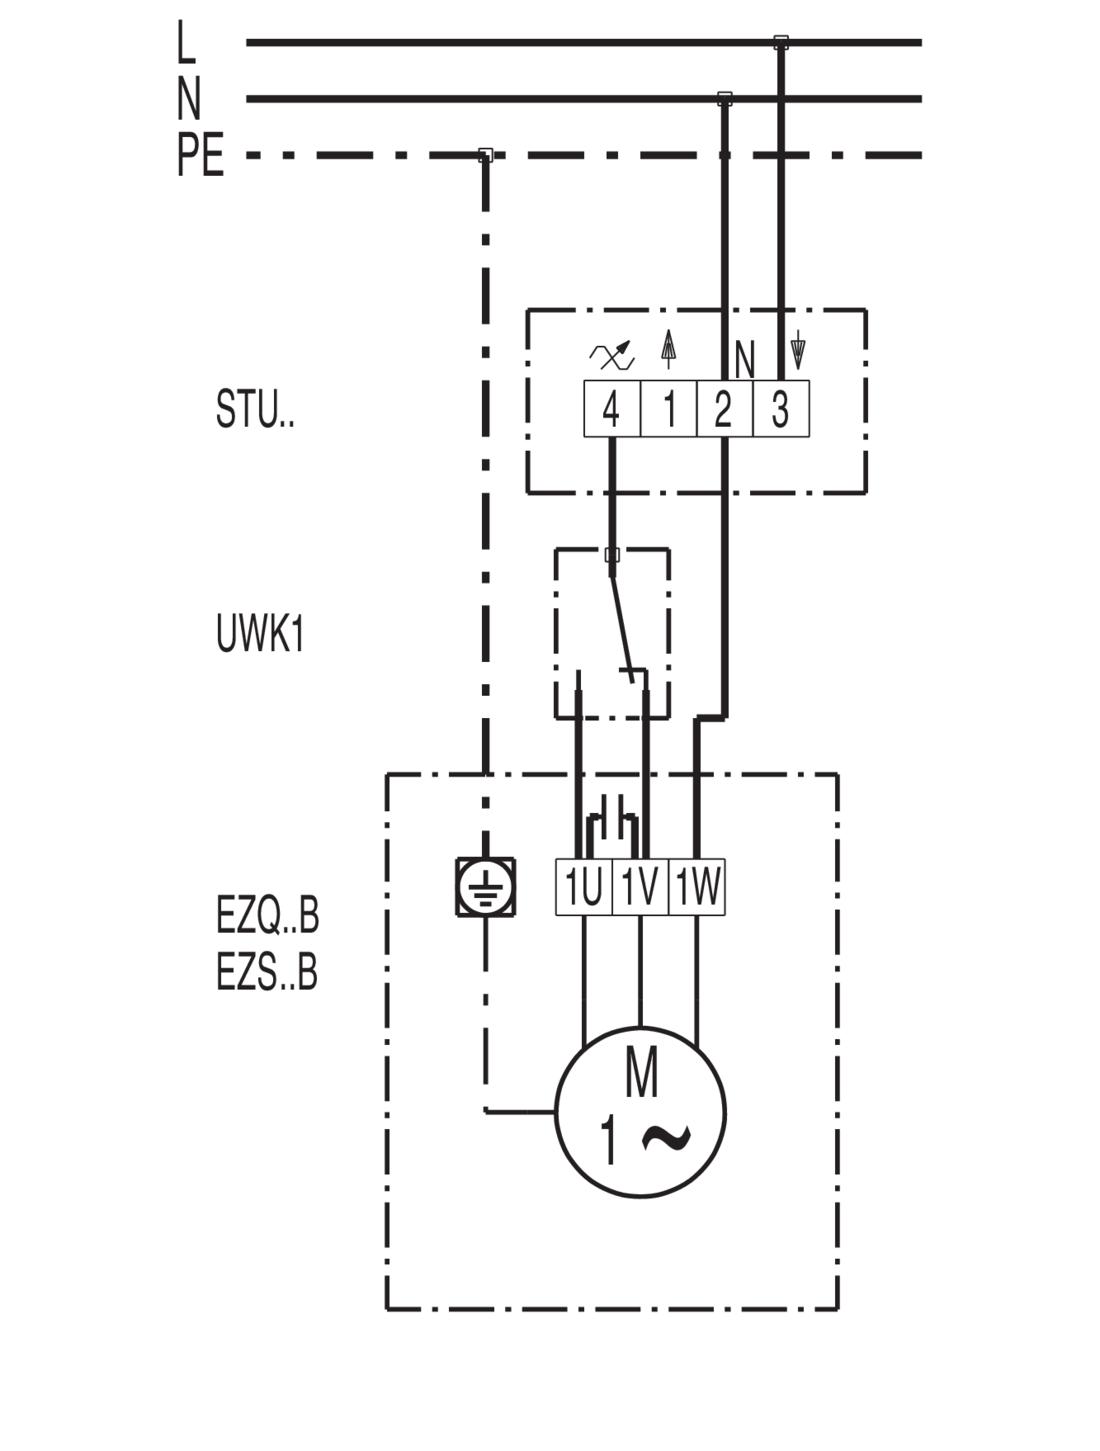 axial wall fan ezq 20  2 b